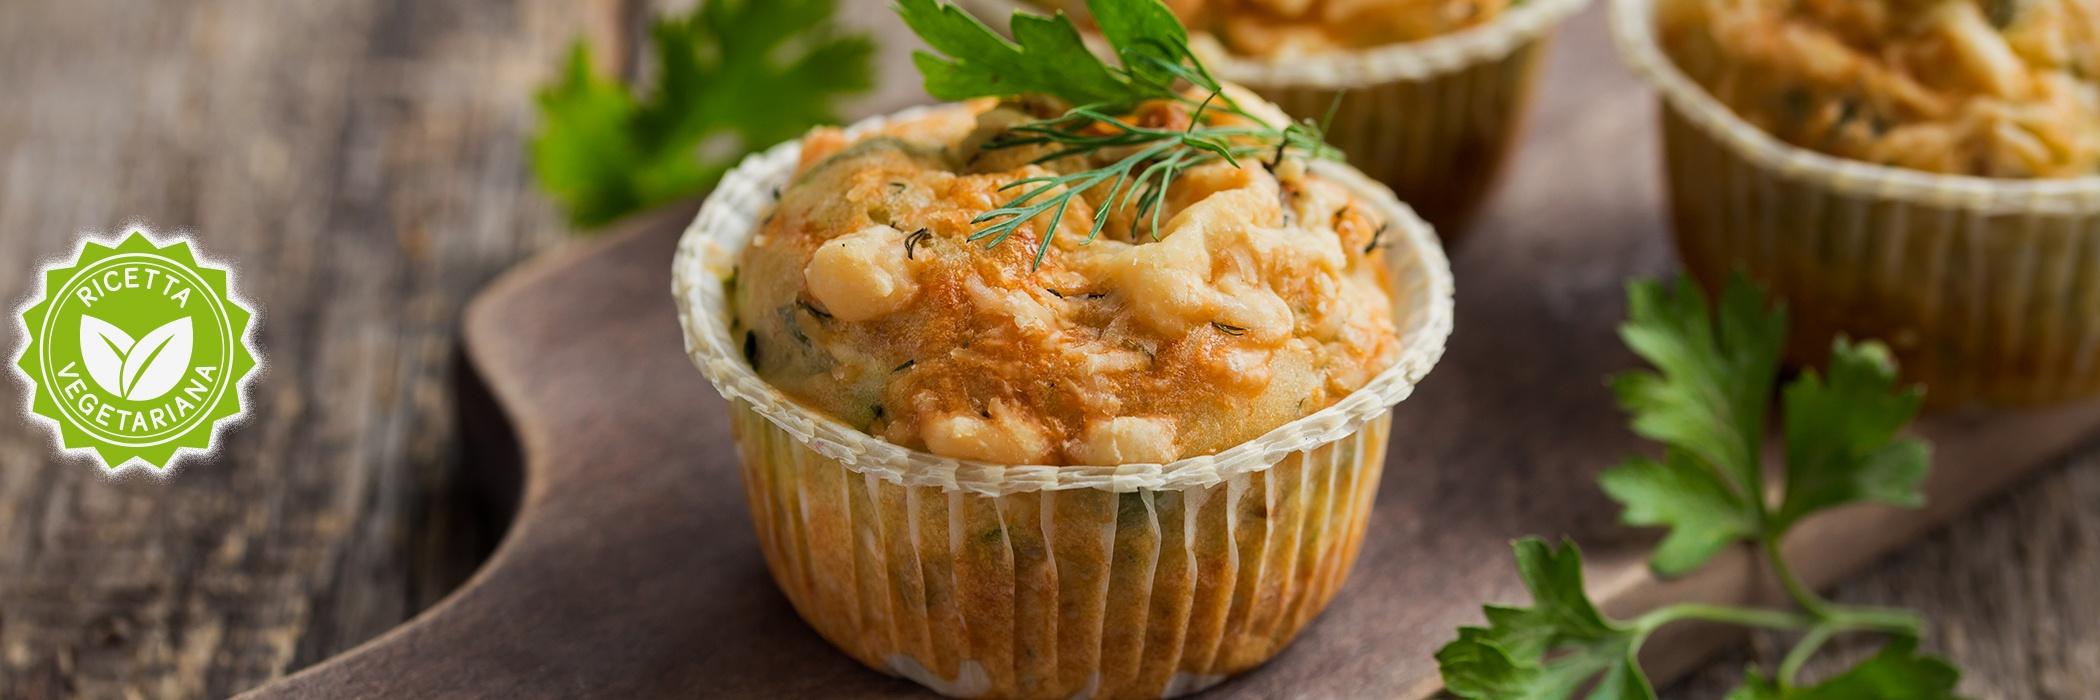 muffin albume con spinaci